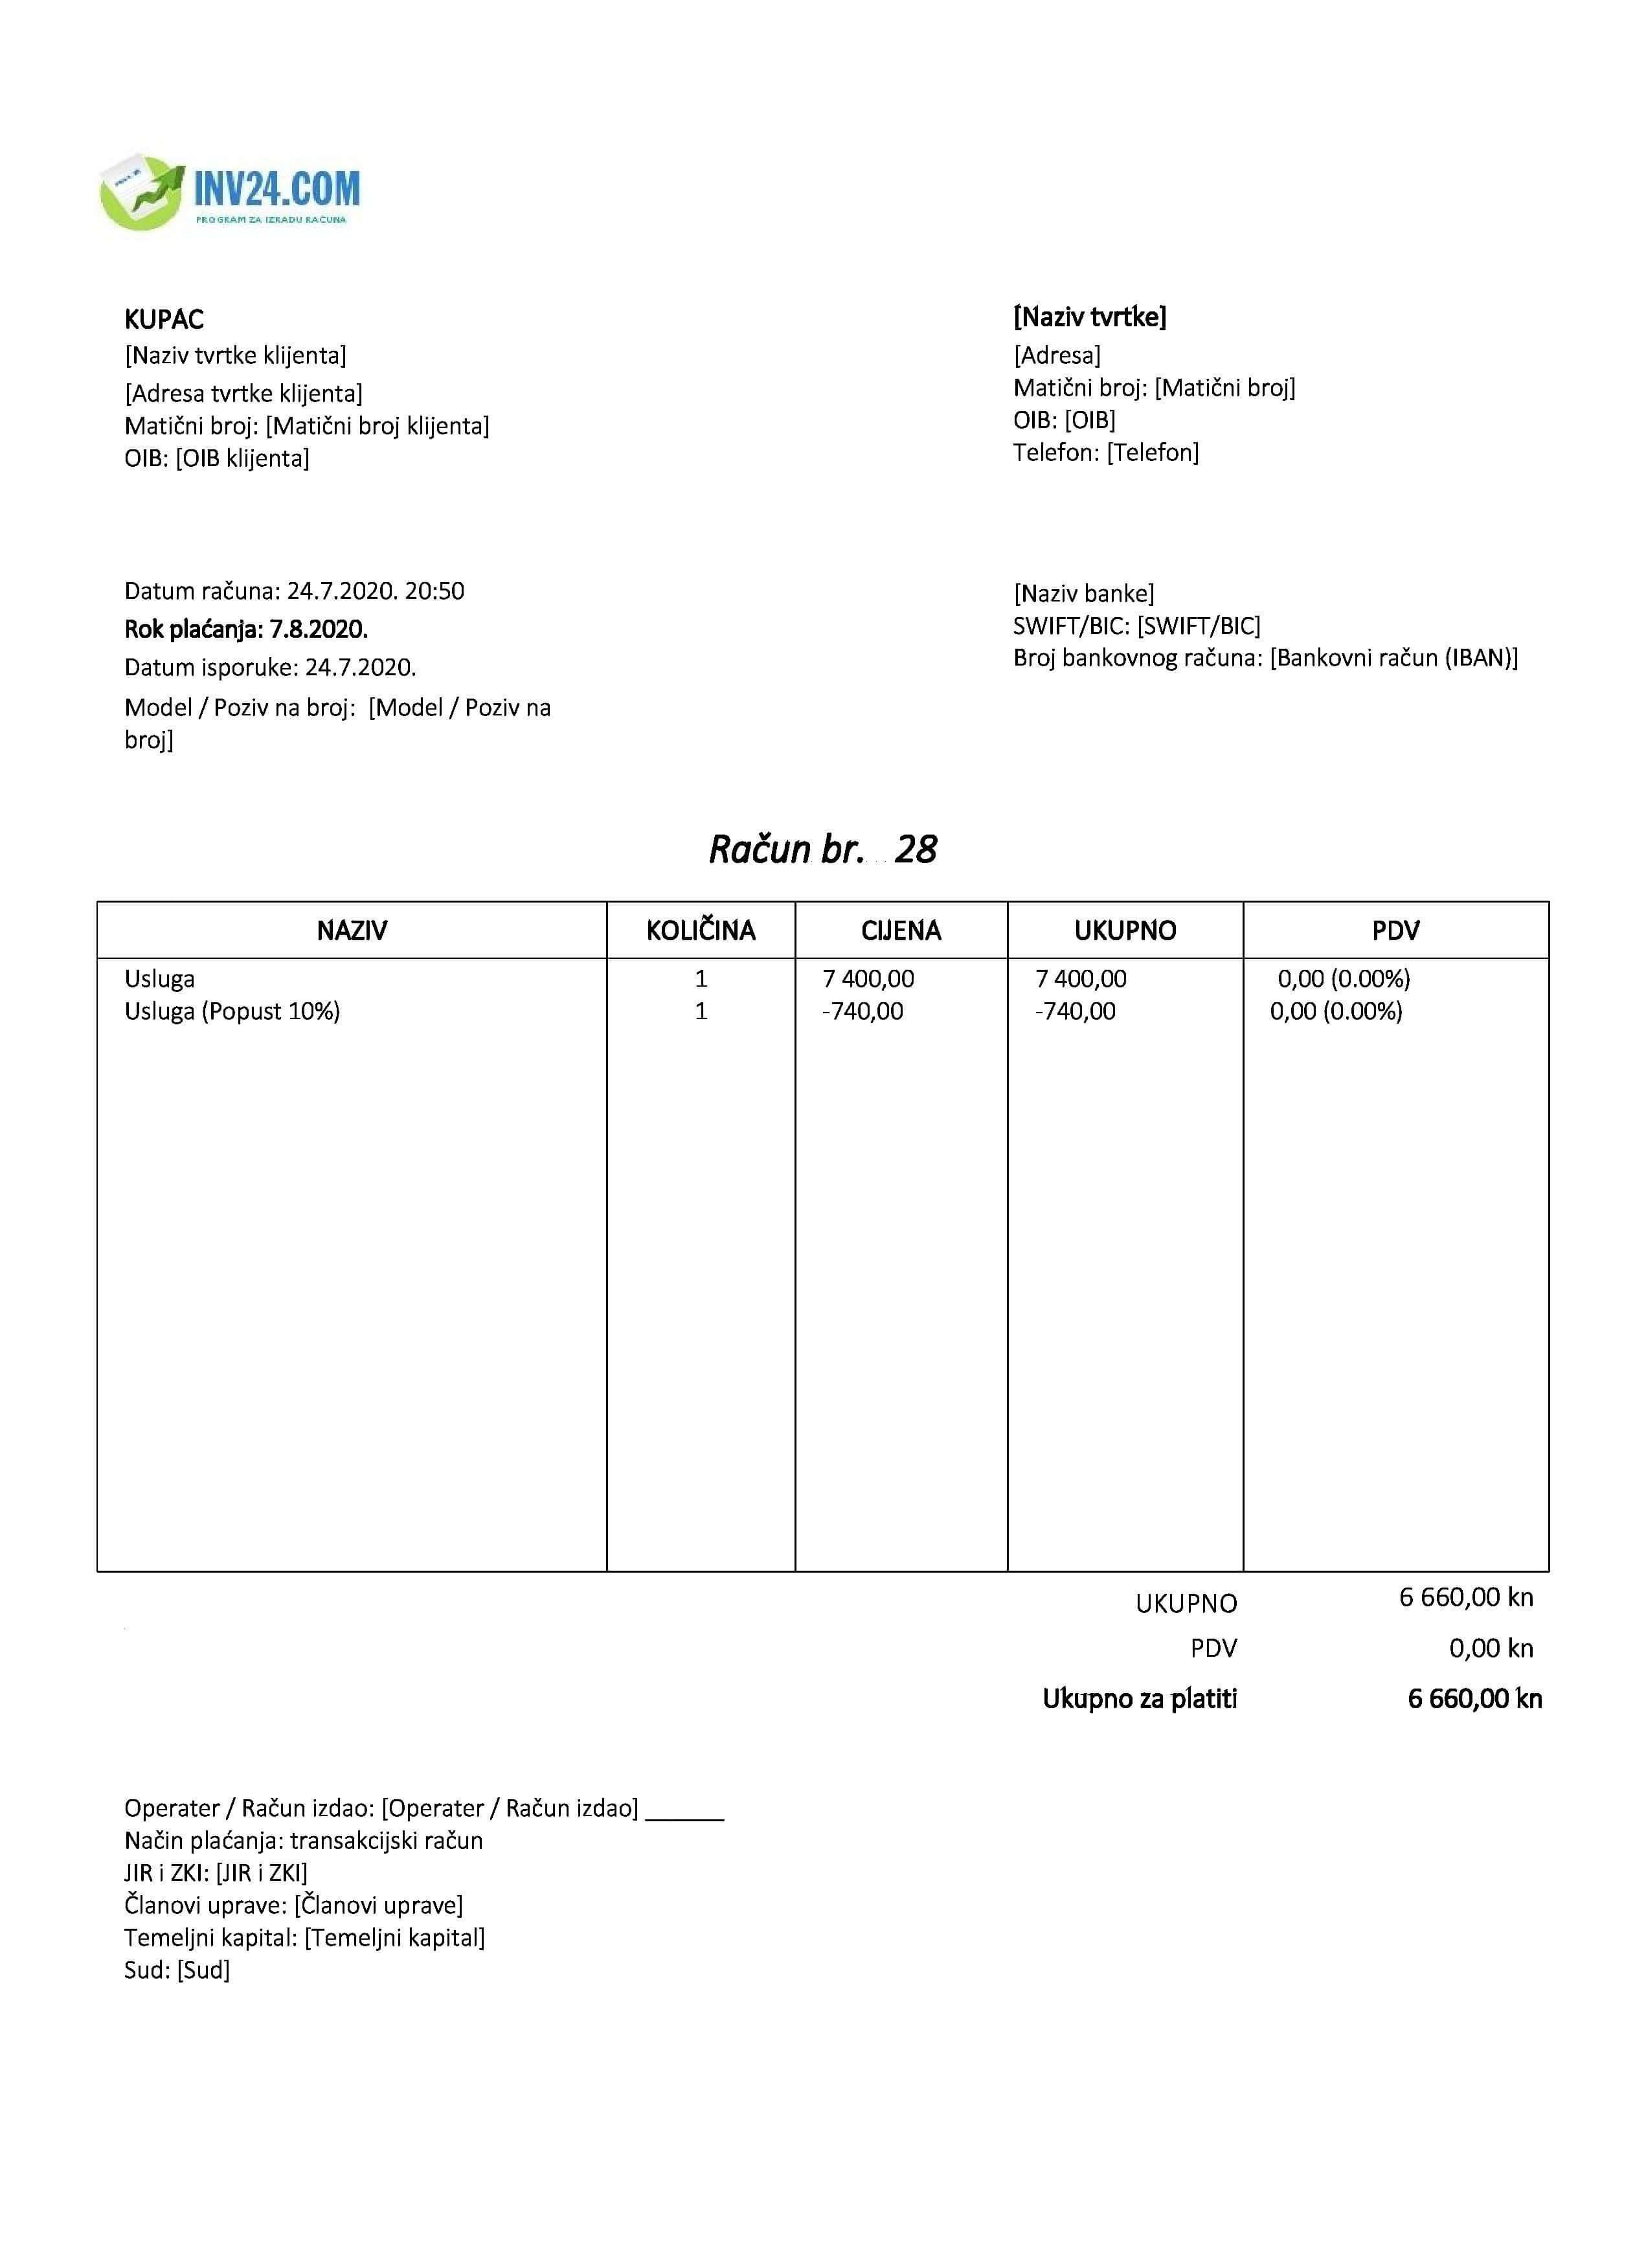 račun (faktura) bez pdv primer